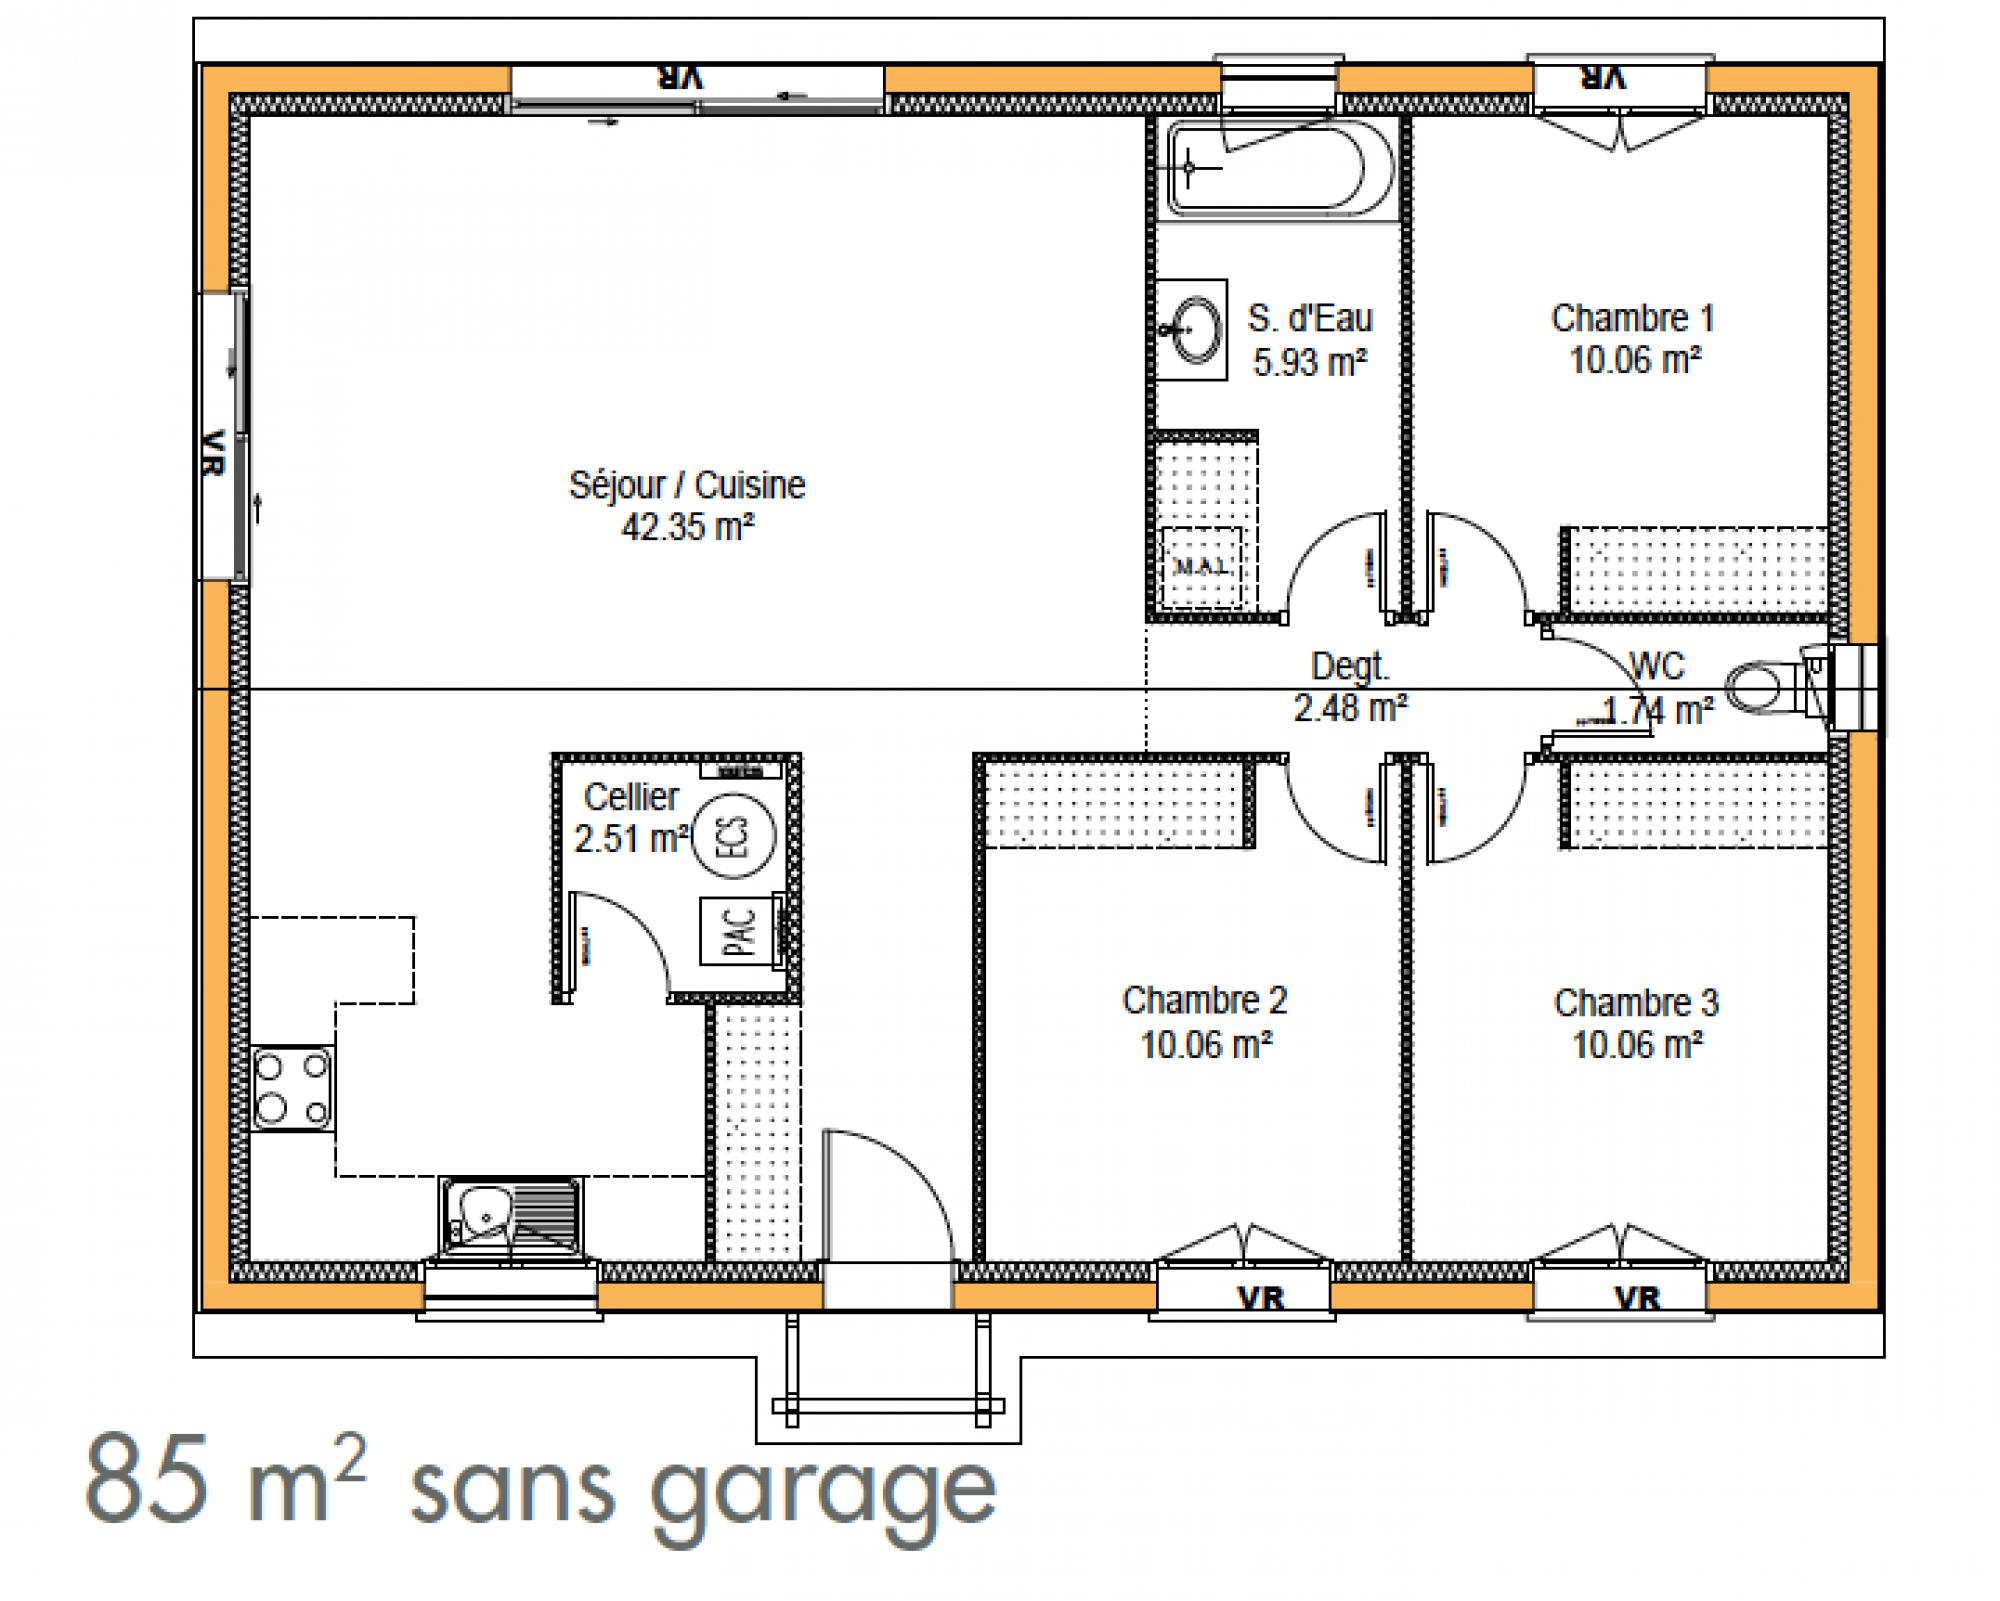 Roucou constructeur de maison individuelle bordeaux immo construction for Les plans des maisons